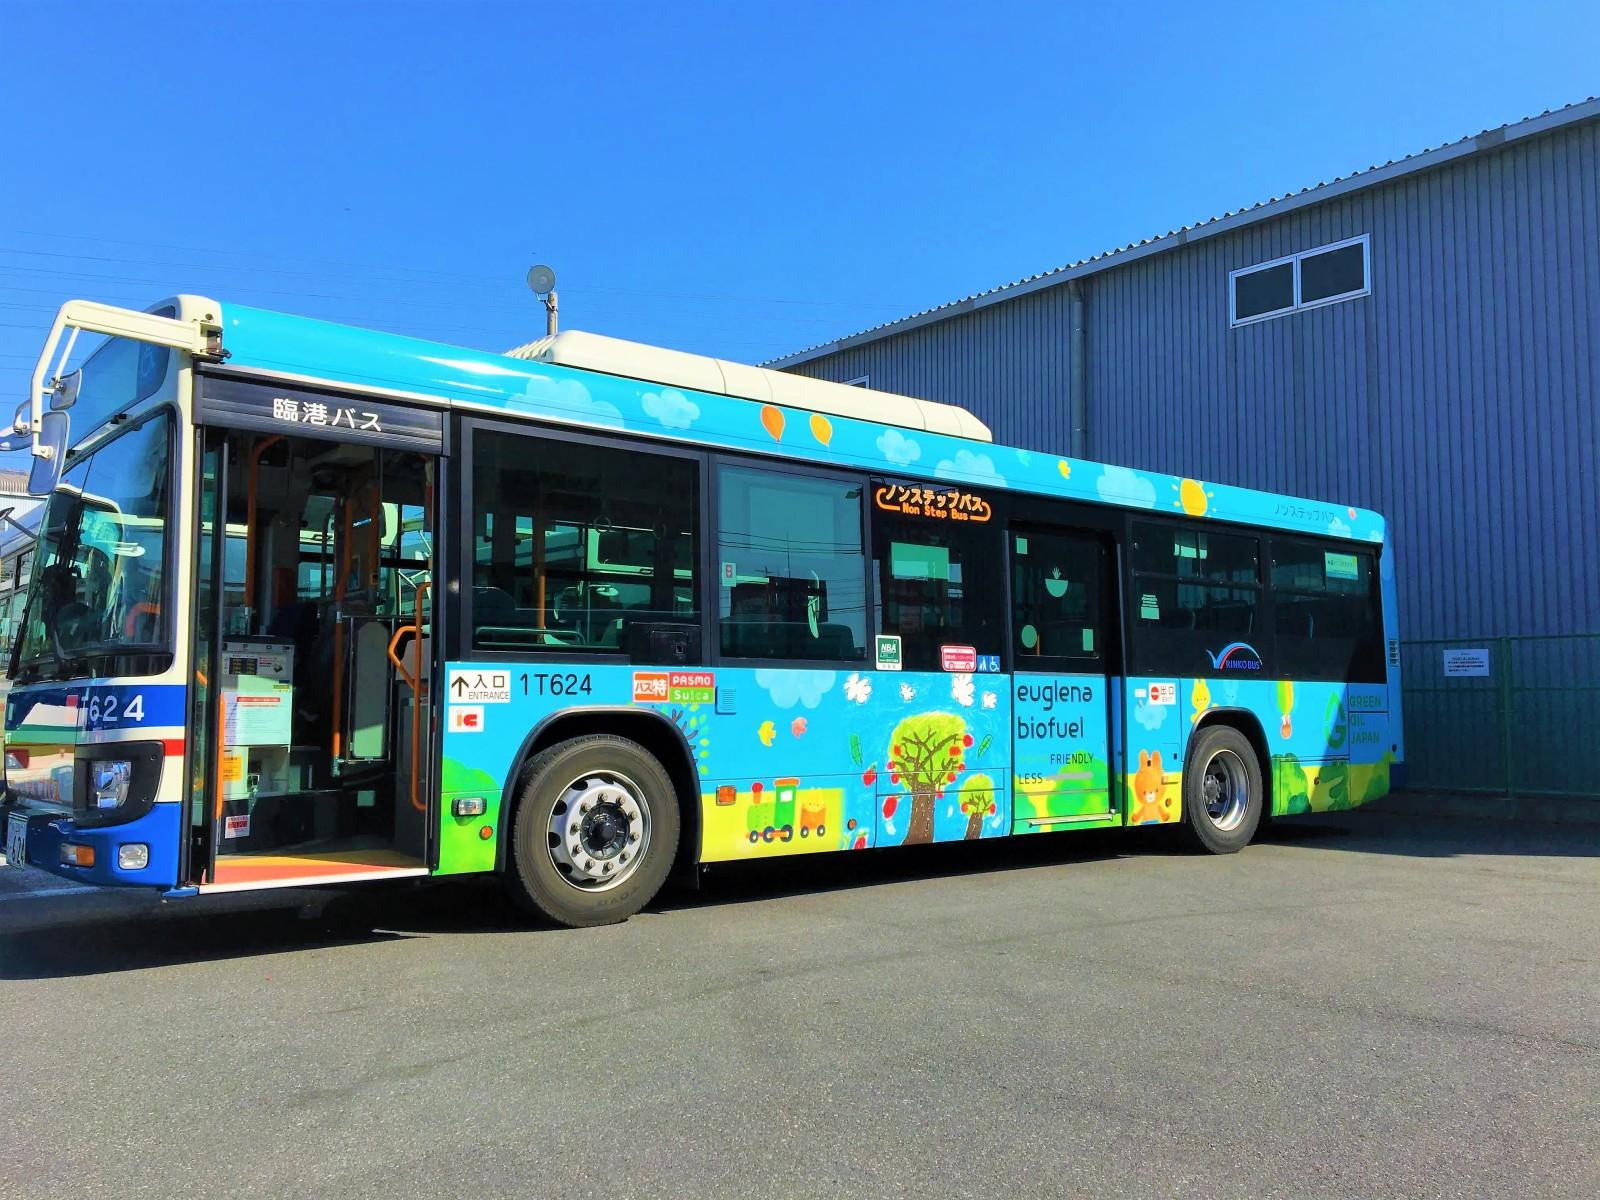 小学生が描いた絵をラッピングした路線バス